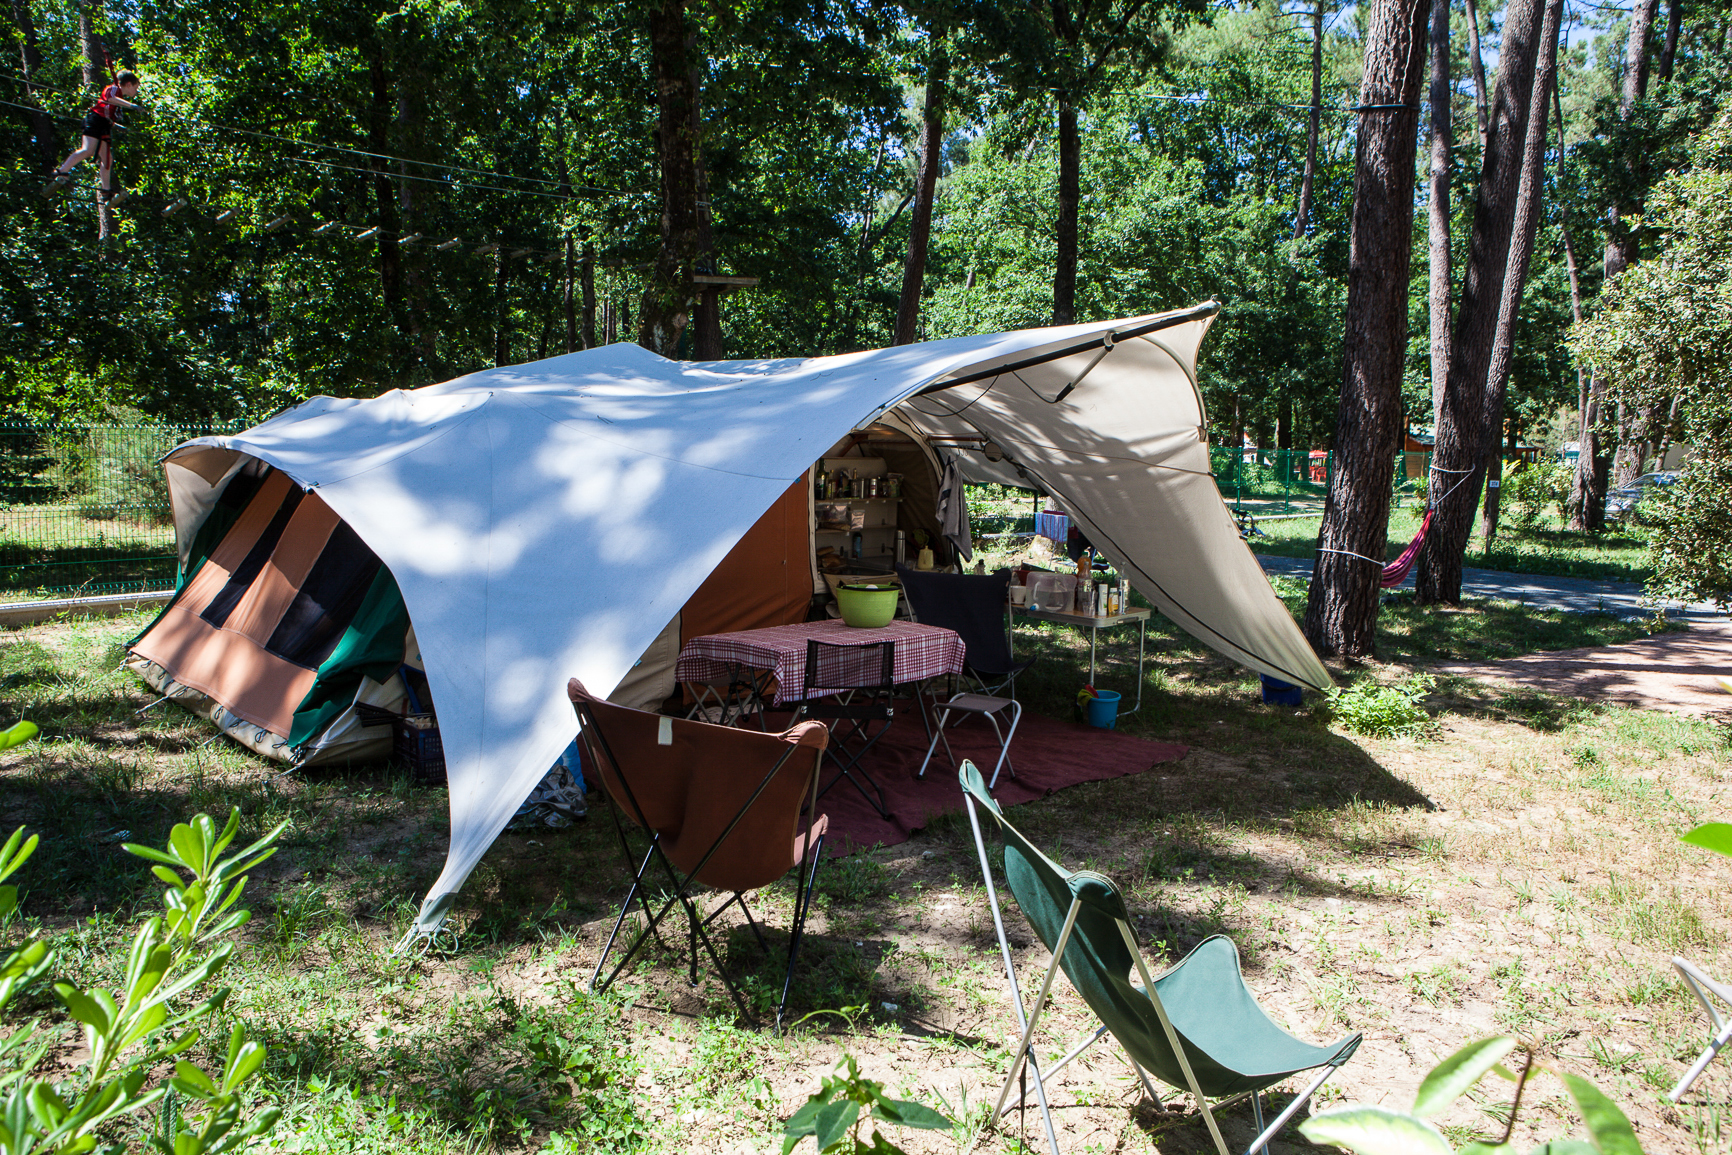 Camping L' Orée du Bois Poitou Charentes Frankrijk ANWB Camping # L Orée Du Bois Le Muy